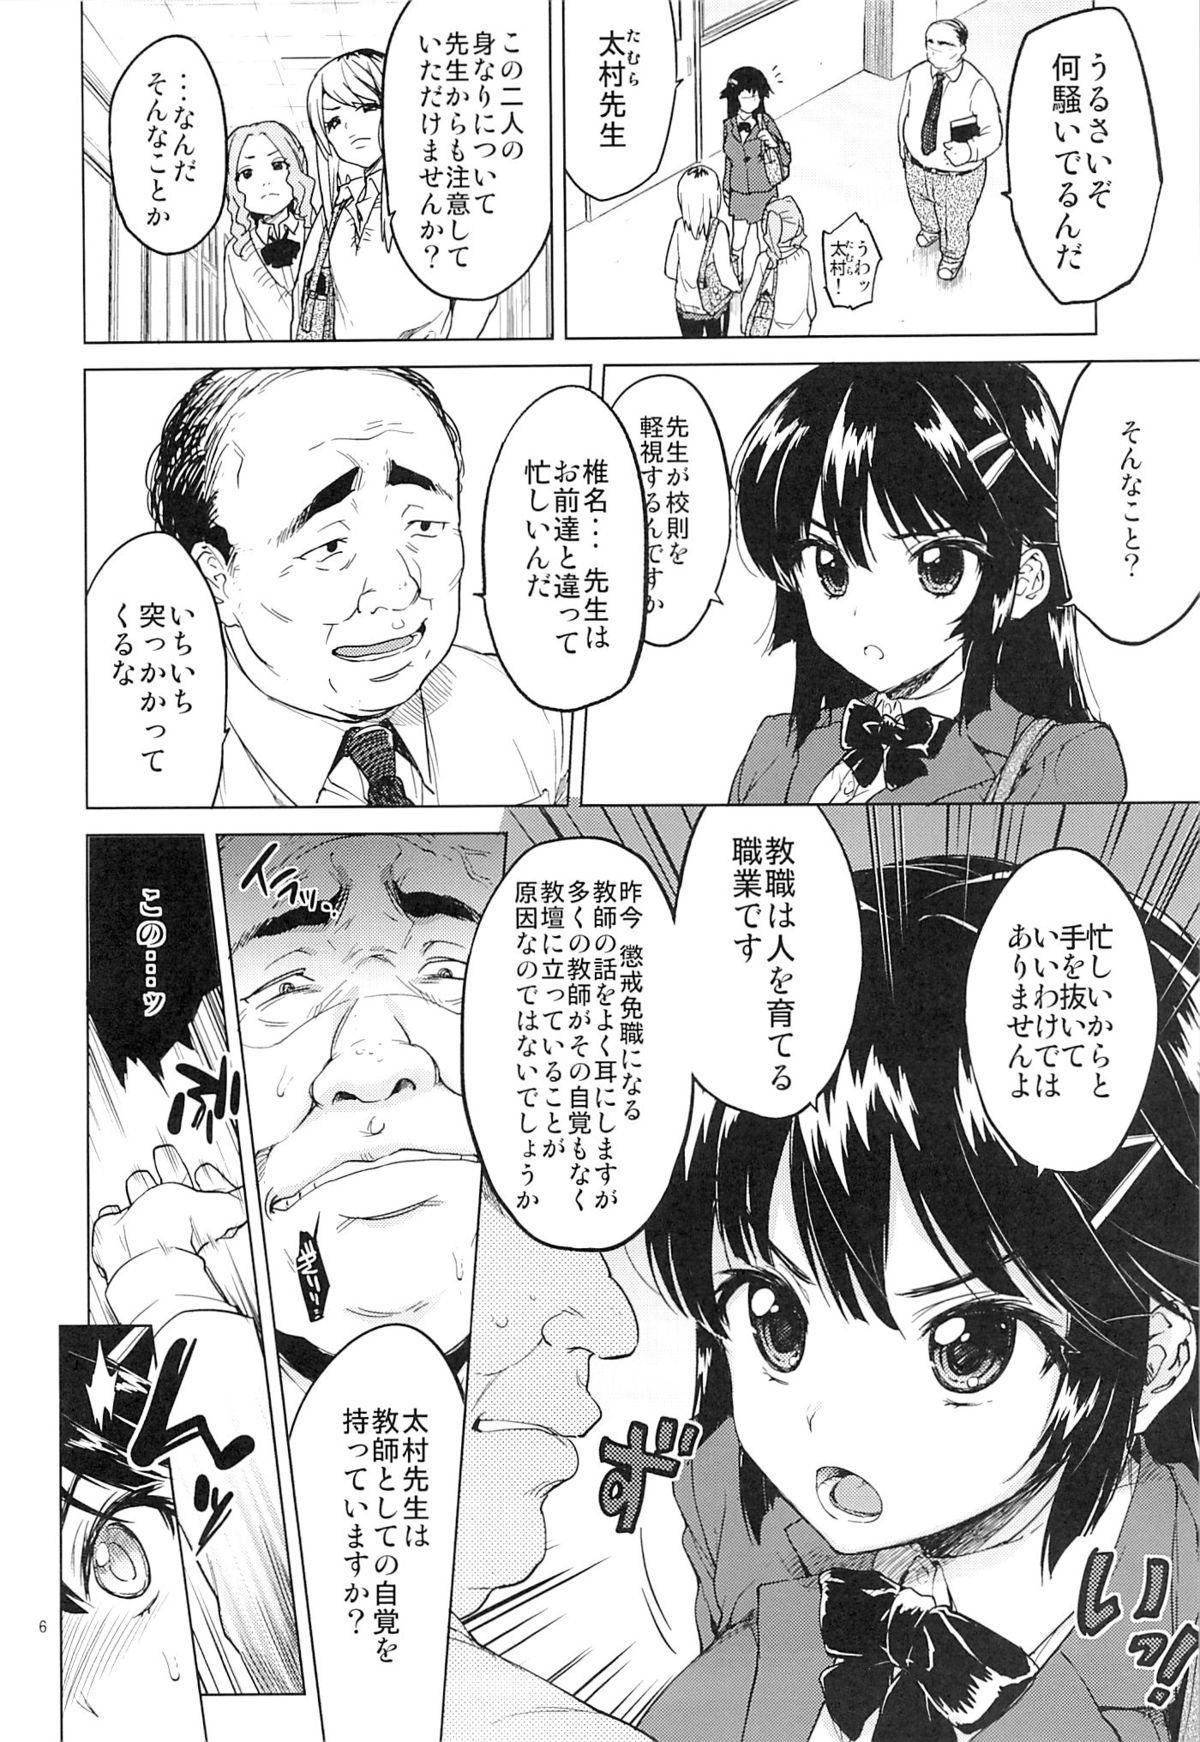 Chizuru-chan Kaihatsu Nikki 4